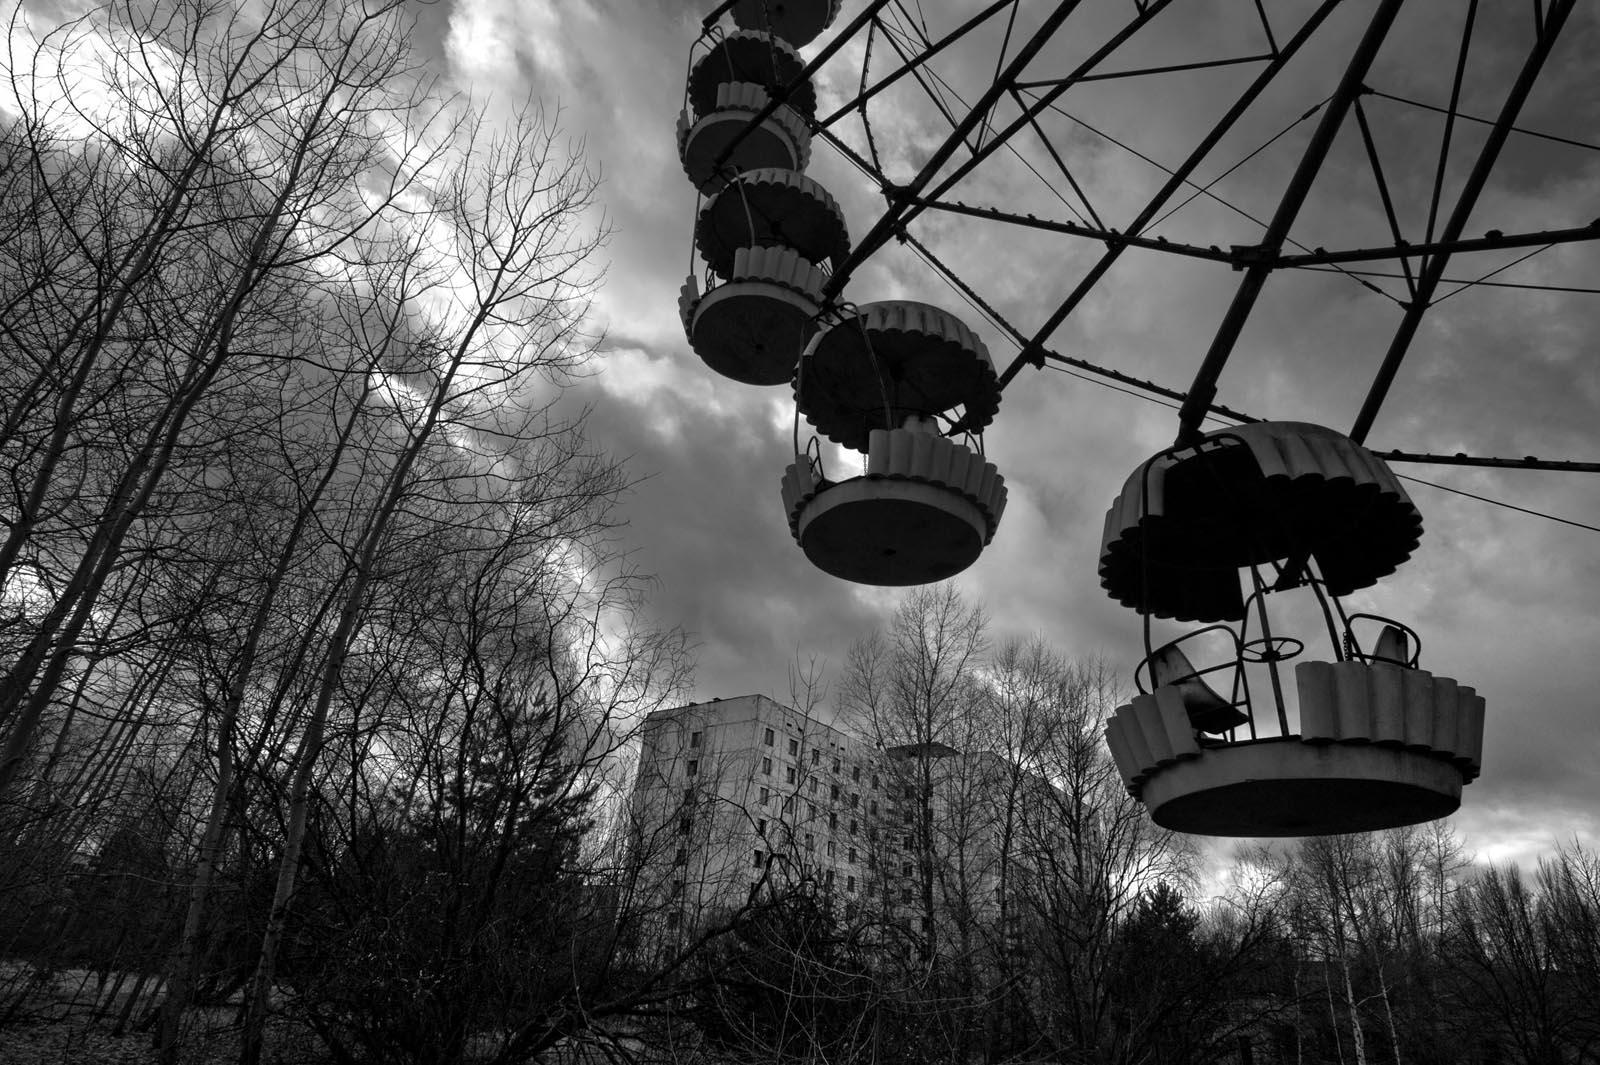 chernobyl_09